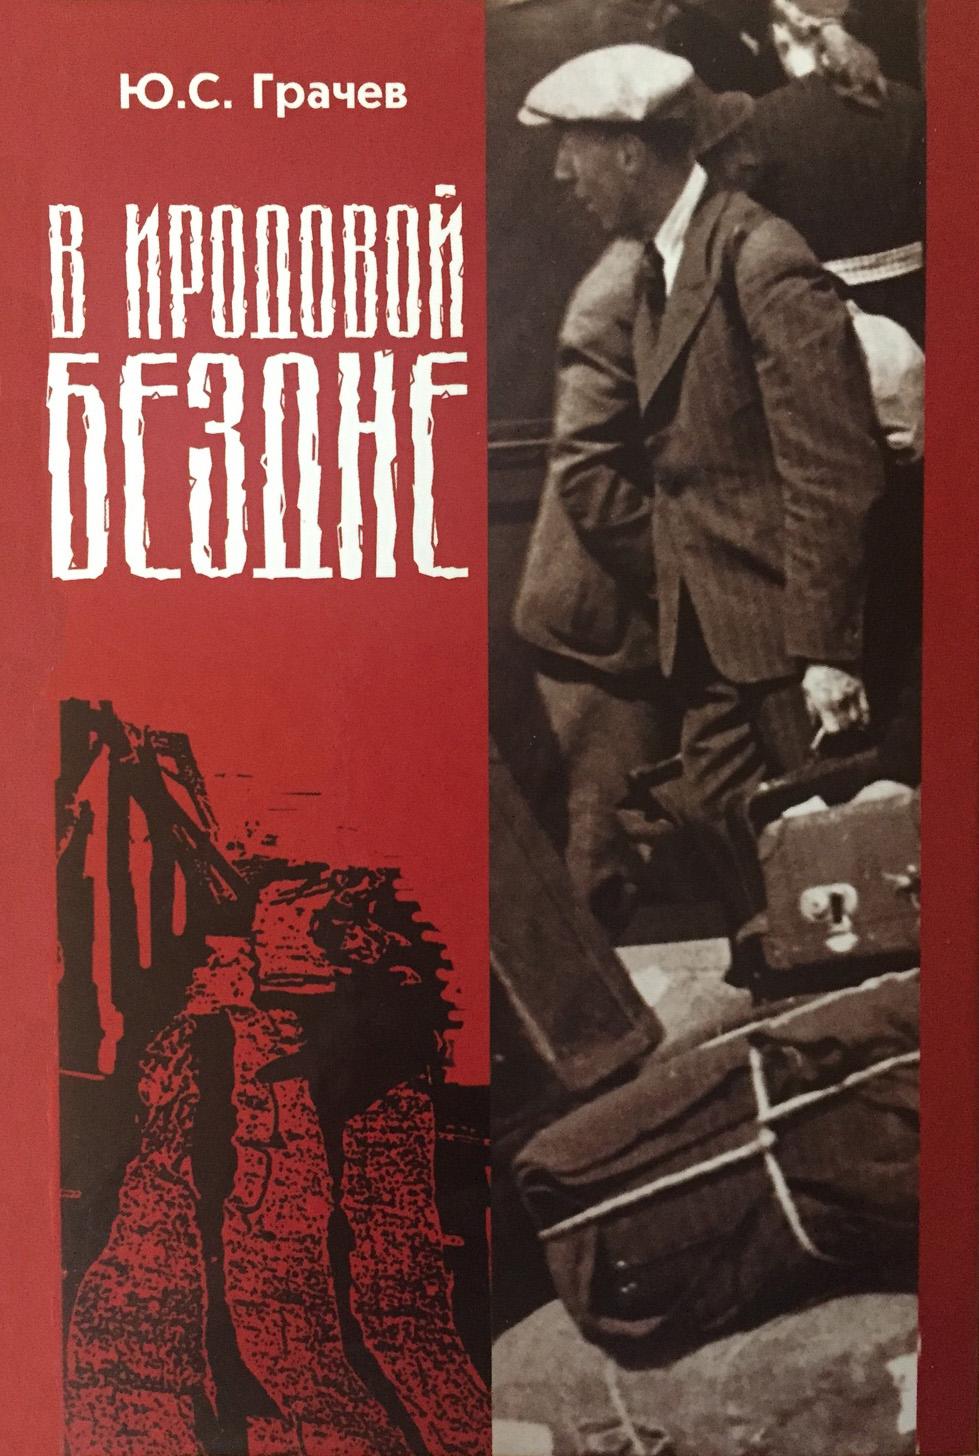 Юрий Грачёв «В Иродовой бездне. Книга 2»